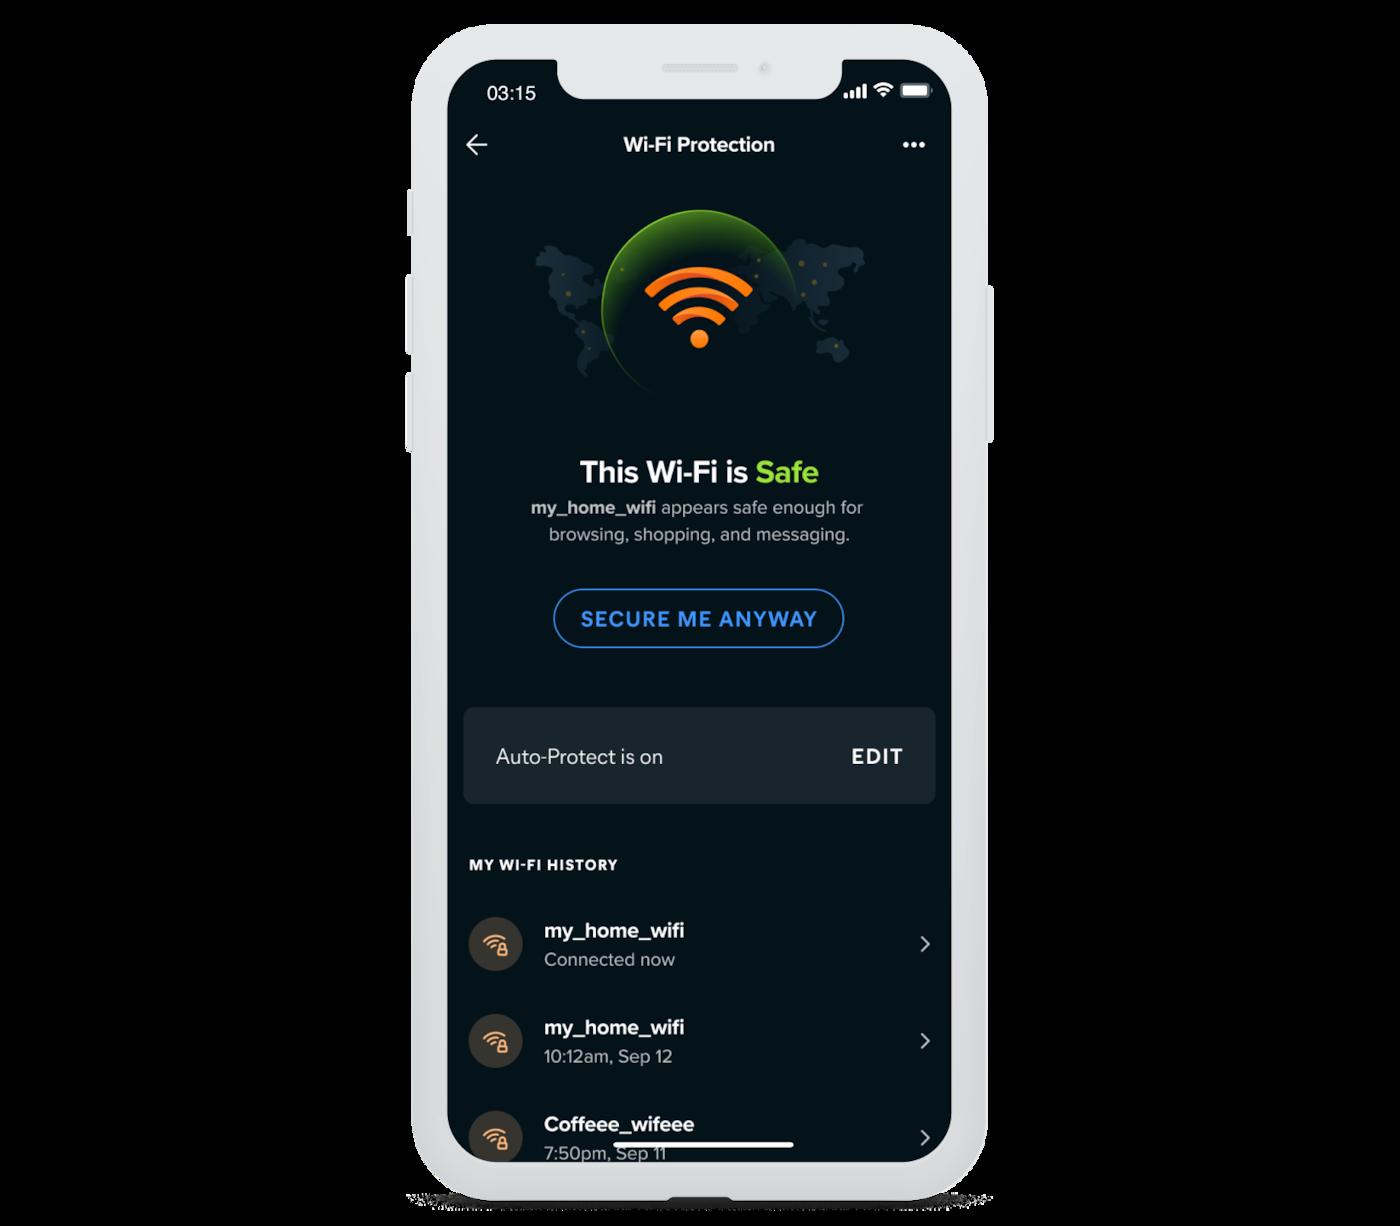 輕鬆確認 Wi-Fi 安全性